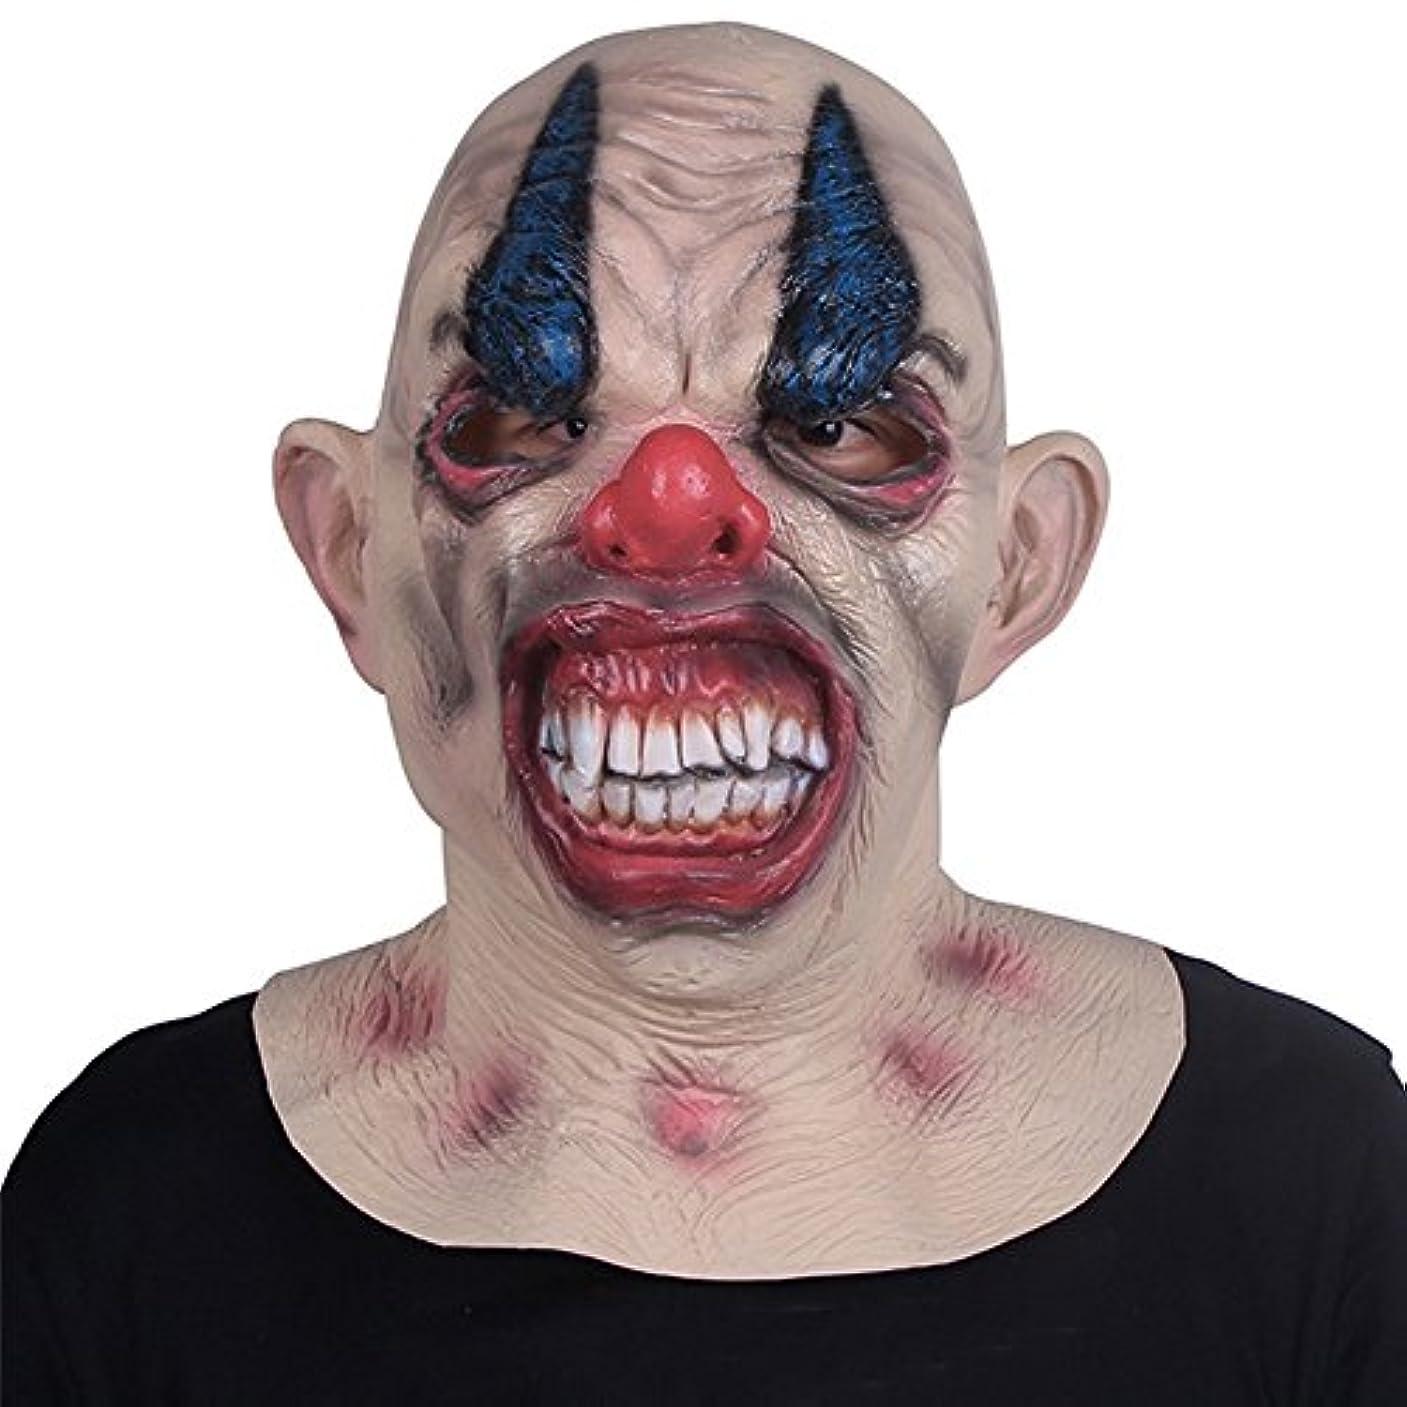 印象反対する写真を描くホラーマスク成人男性フルフェイス怖いラテックスヘッドセットハロウィン東京グールマスクゴーストフェイスデビル